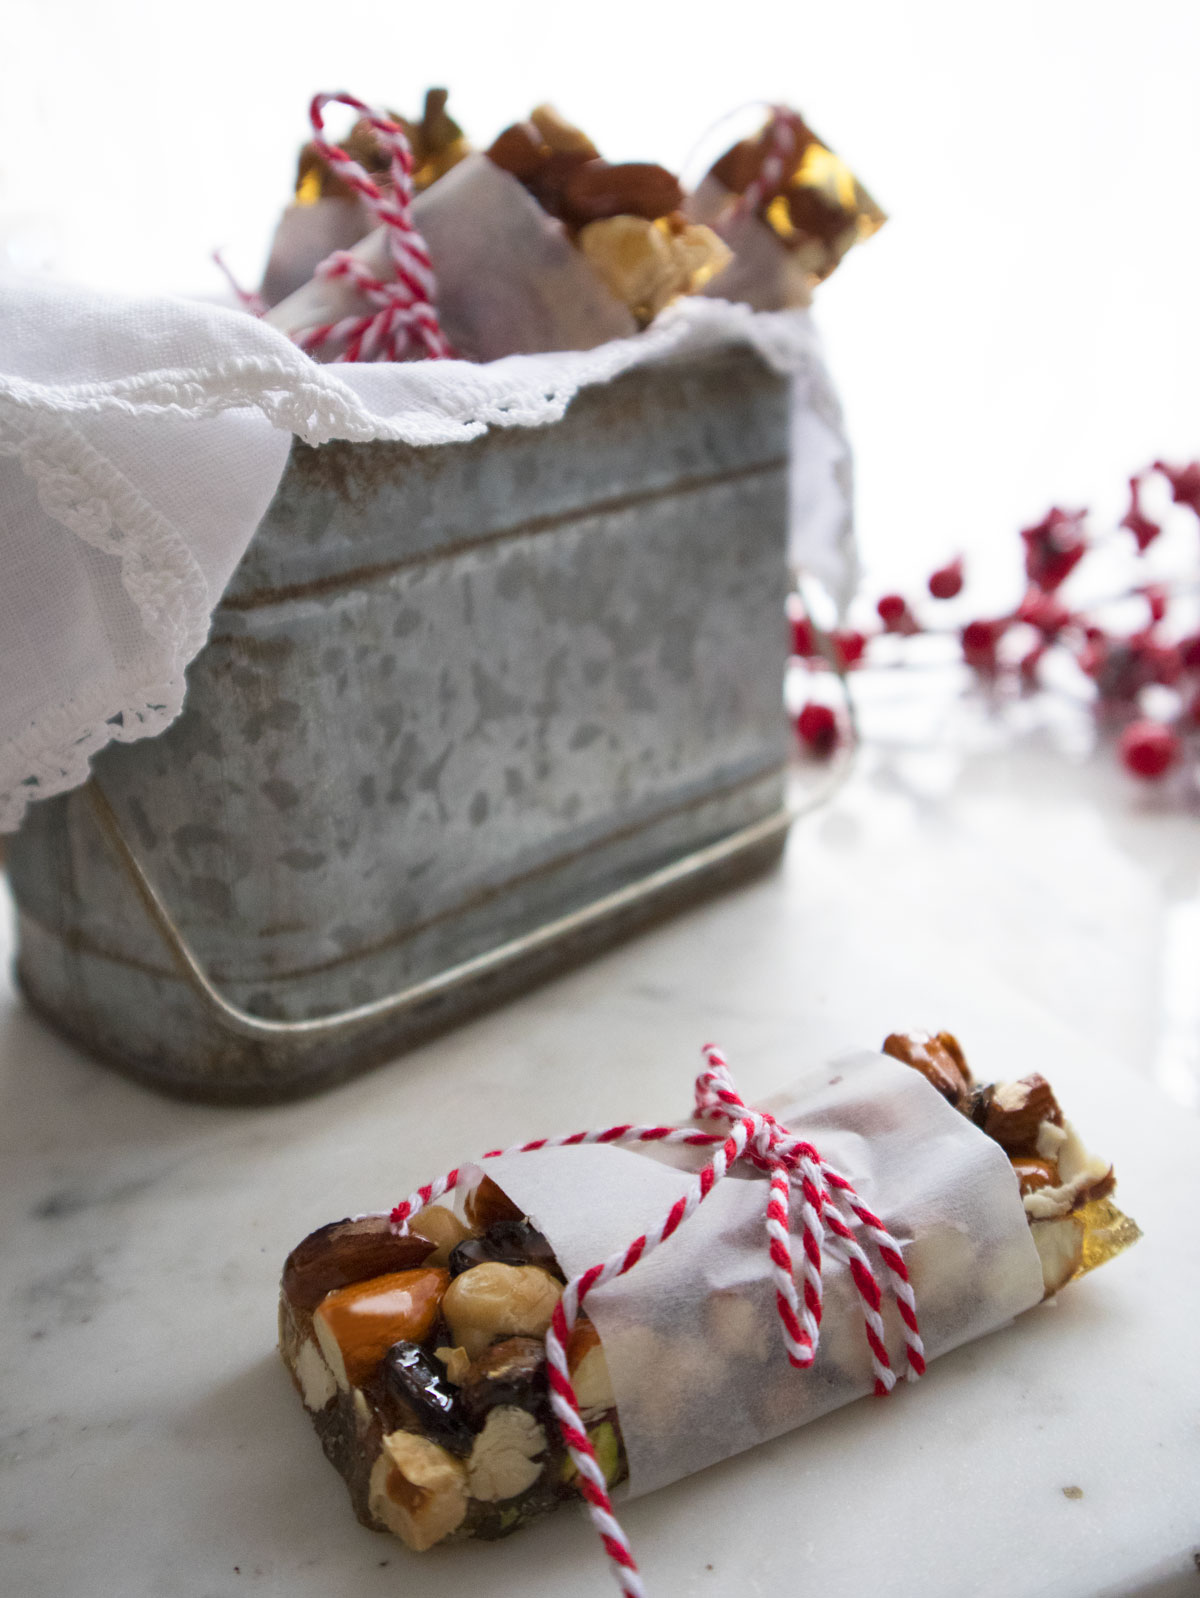 Biscotti di Natale - Croccante mandorle, nocciole e pistacchio